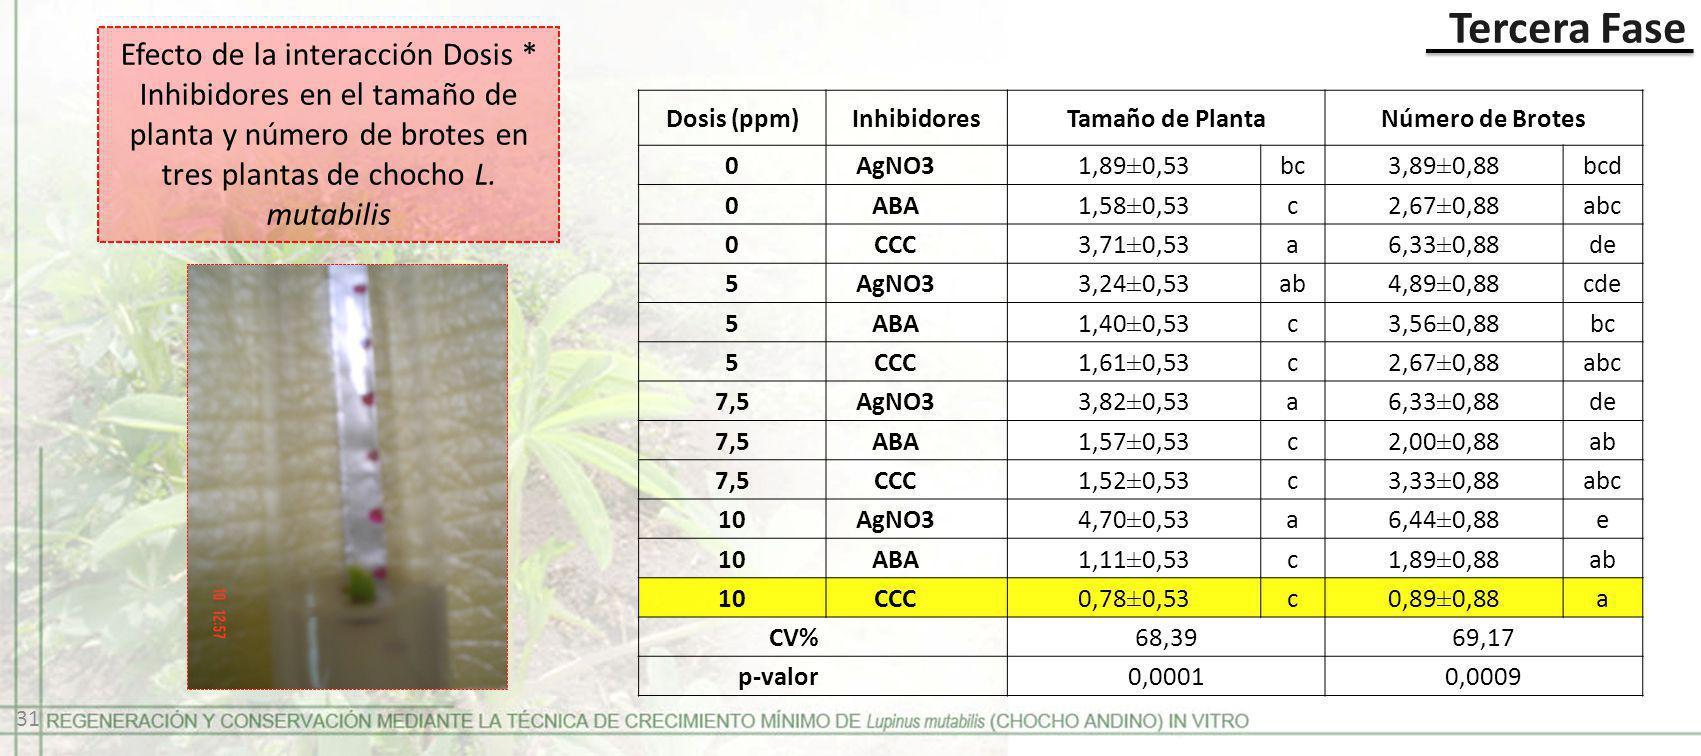 Tercera Fase Efecto de la interacción Dosis * Inhibidores en el tamaño de planta y número de brotes en tres plantas de chocho L. mutabilis Dosis (ppm)